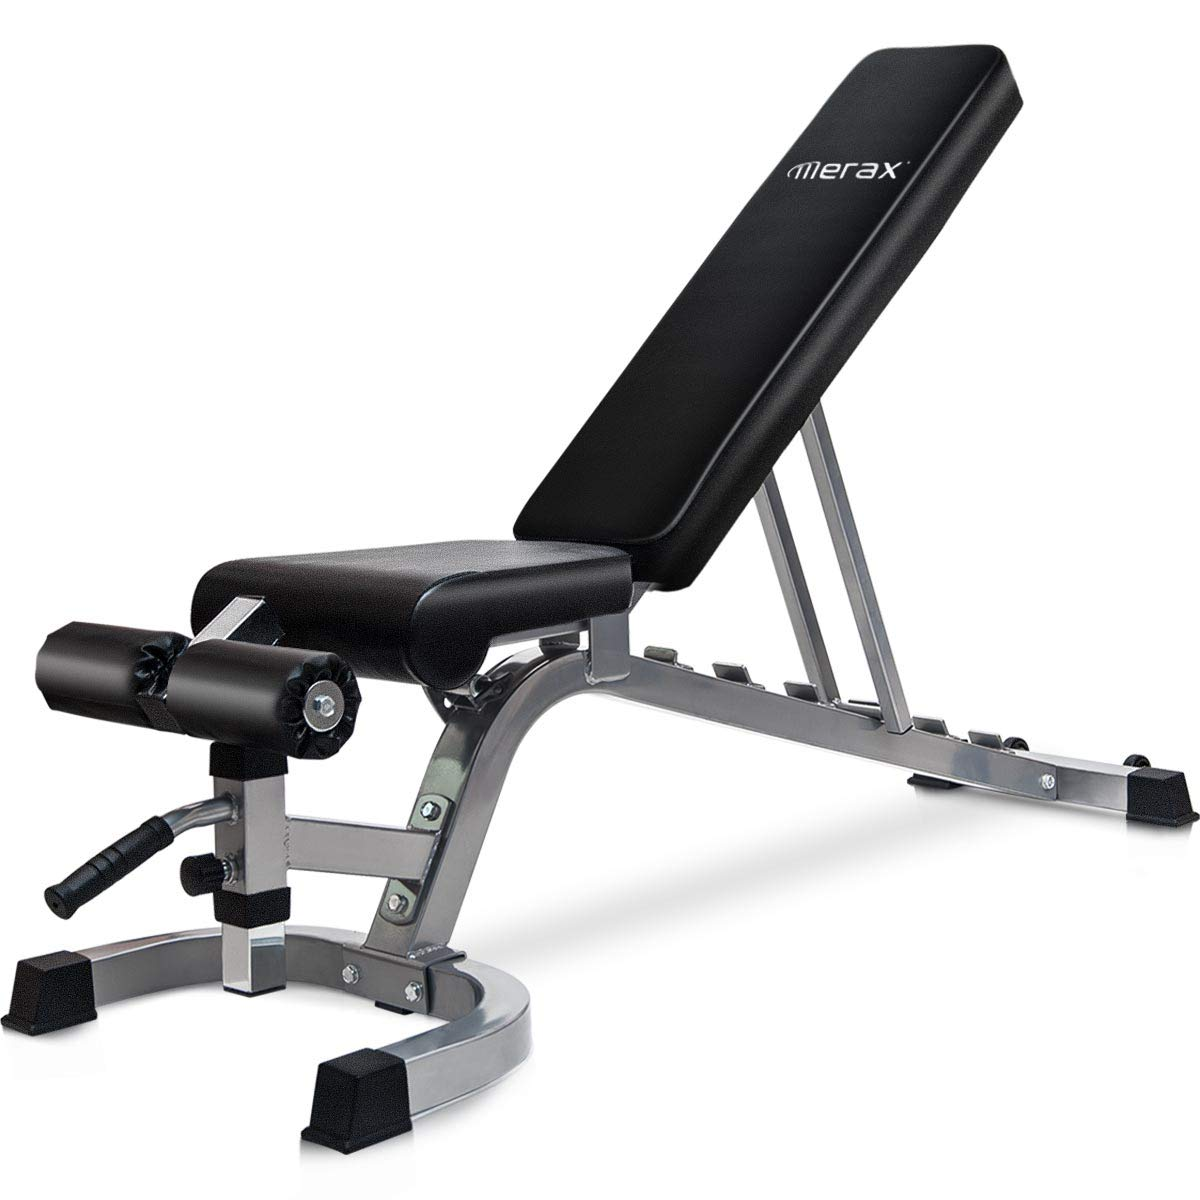 Meraxデラックス折りたたみ式ユーティリティ重量ベンチAdjutable Sit Up AB Inclineベンチジム機器  グレー B07H8Y2DSZ